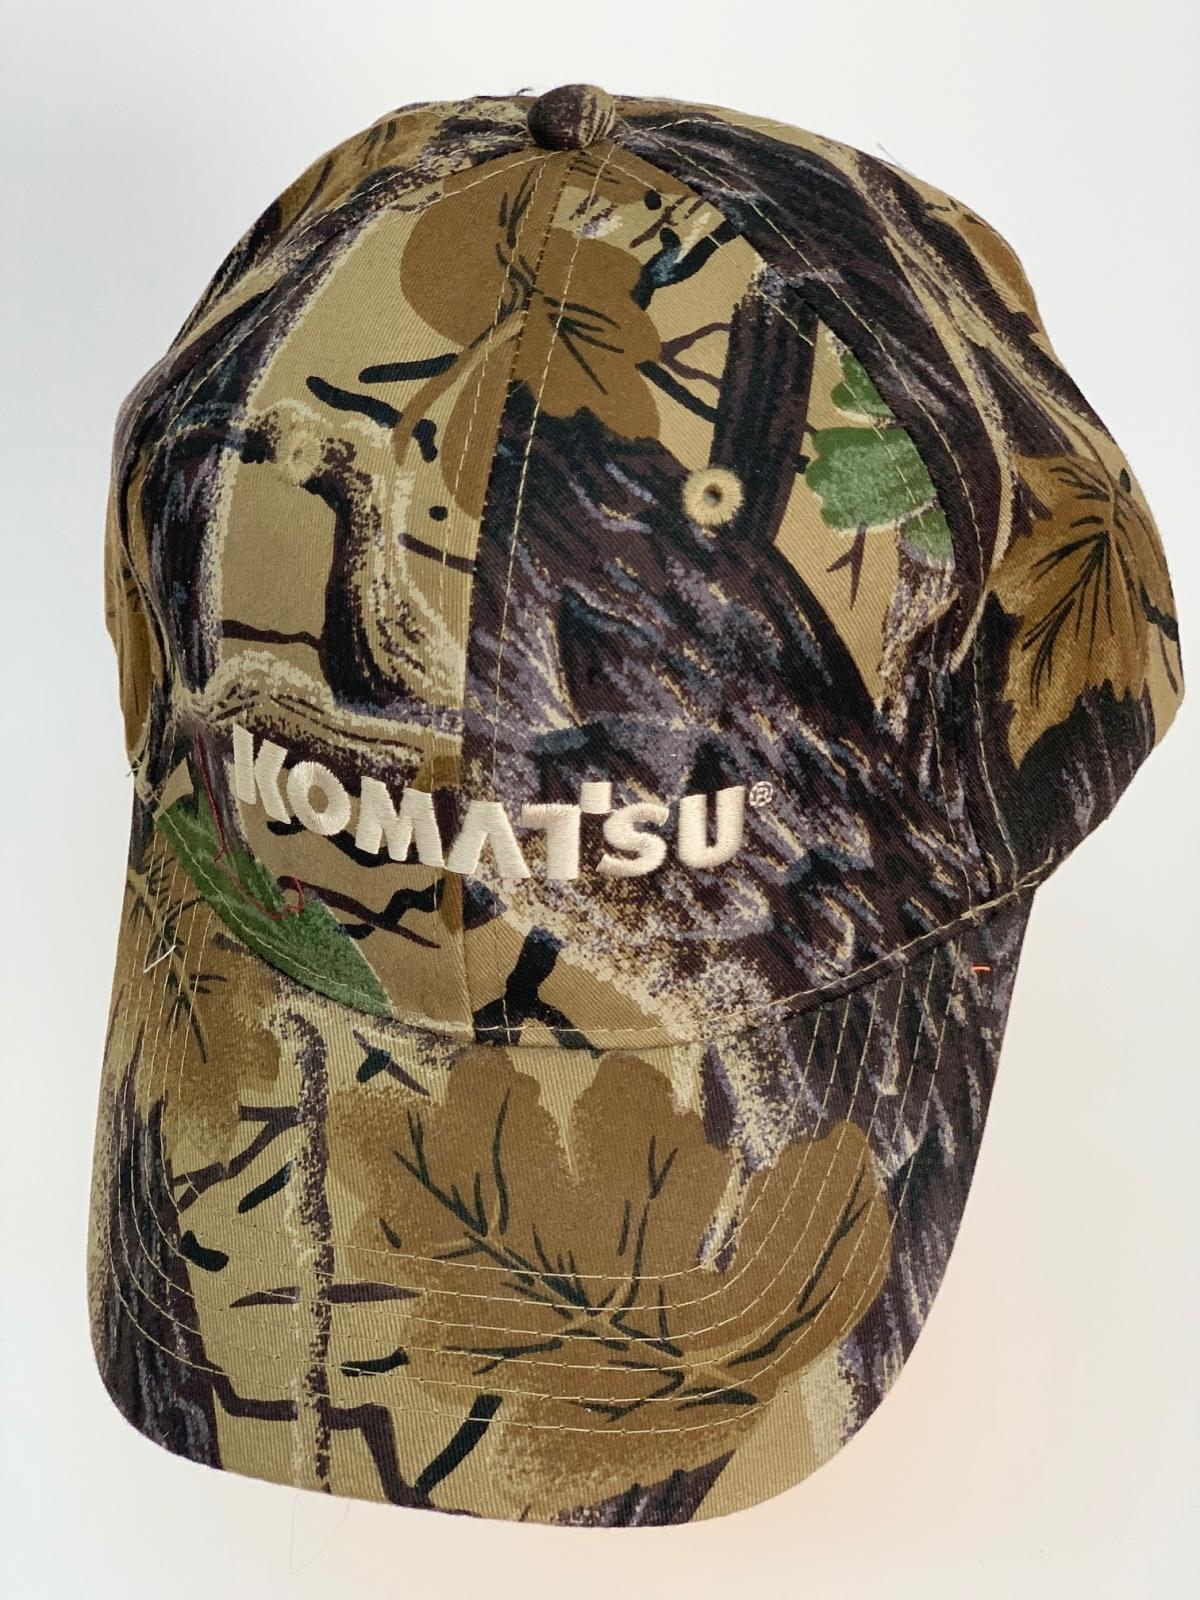 Камуфляжная бейсболка Komatsu